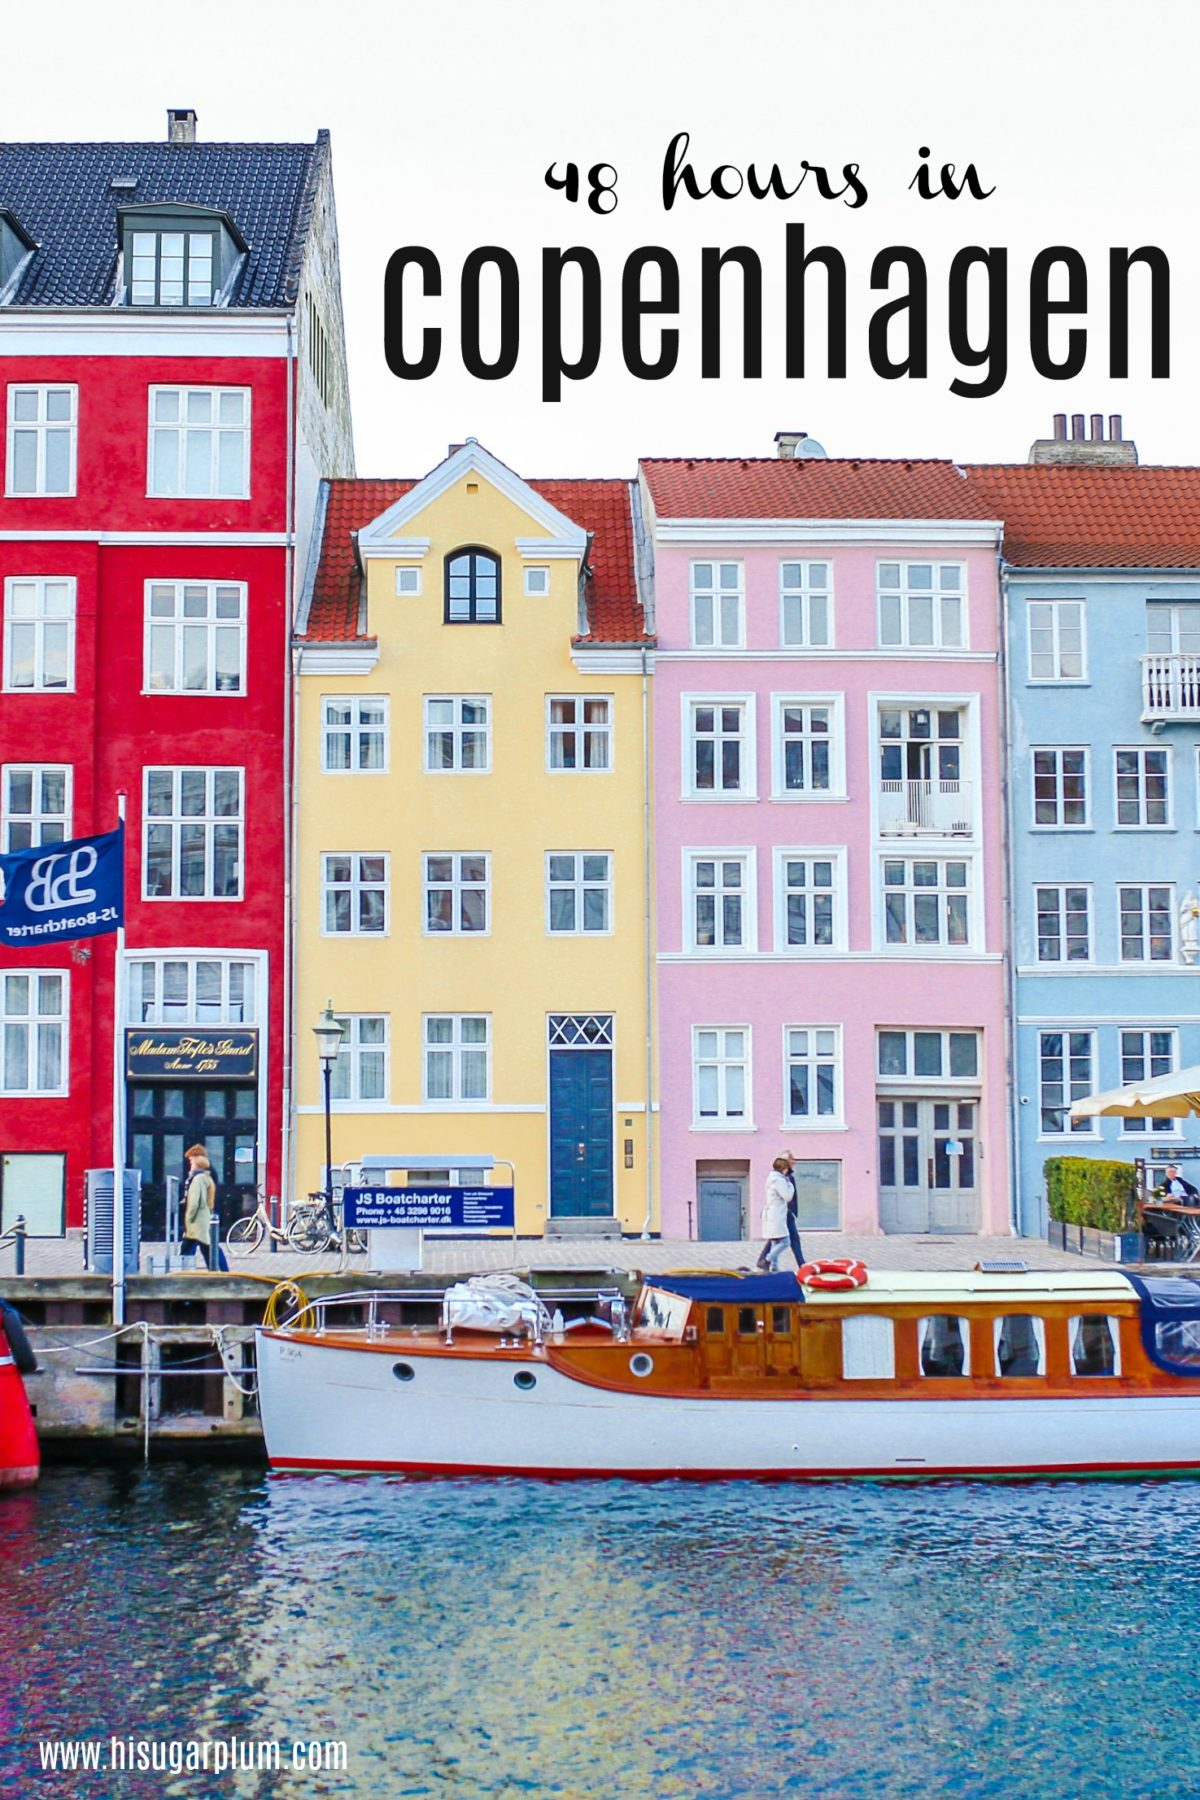 Trip Report | 48 Hours in Copenhagen